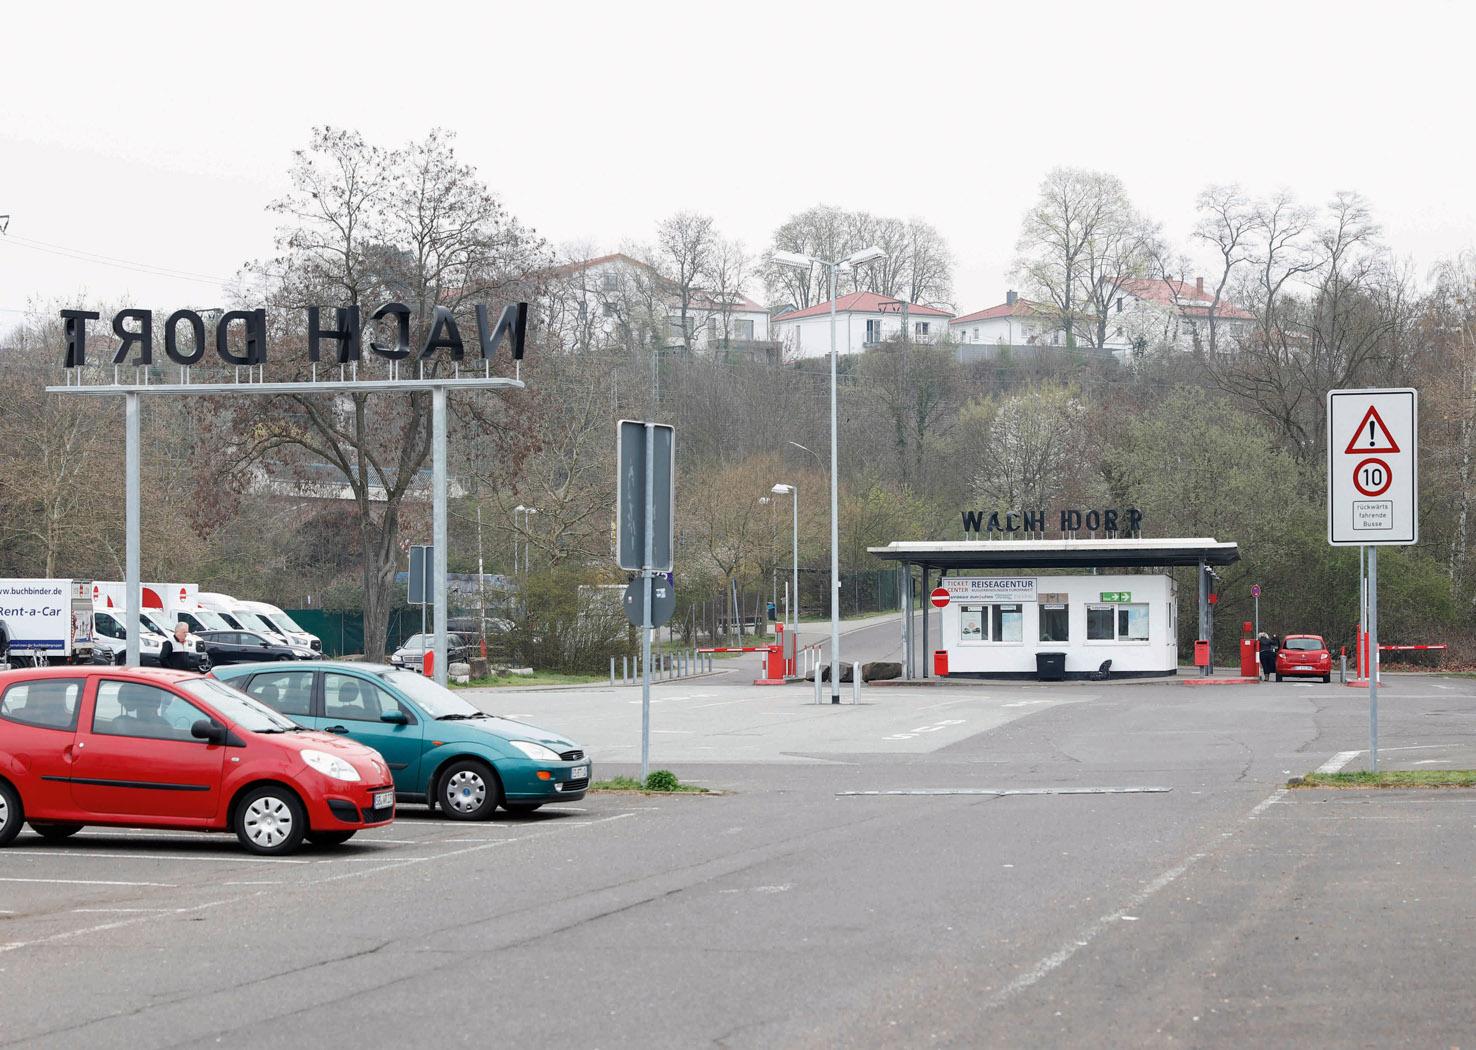 VON HIER / NACH DORT (a linguistic picture puzzle), 2018, bus station Saarbrücken (permanent installation)